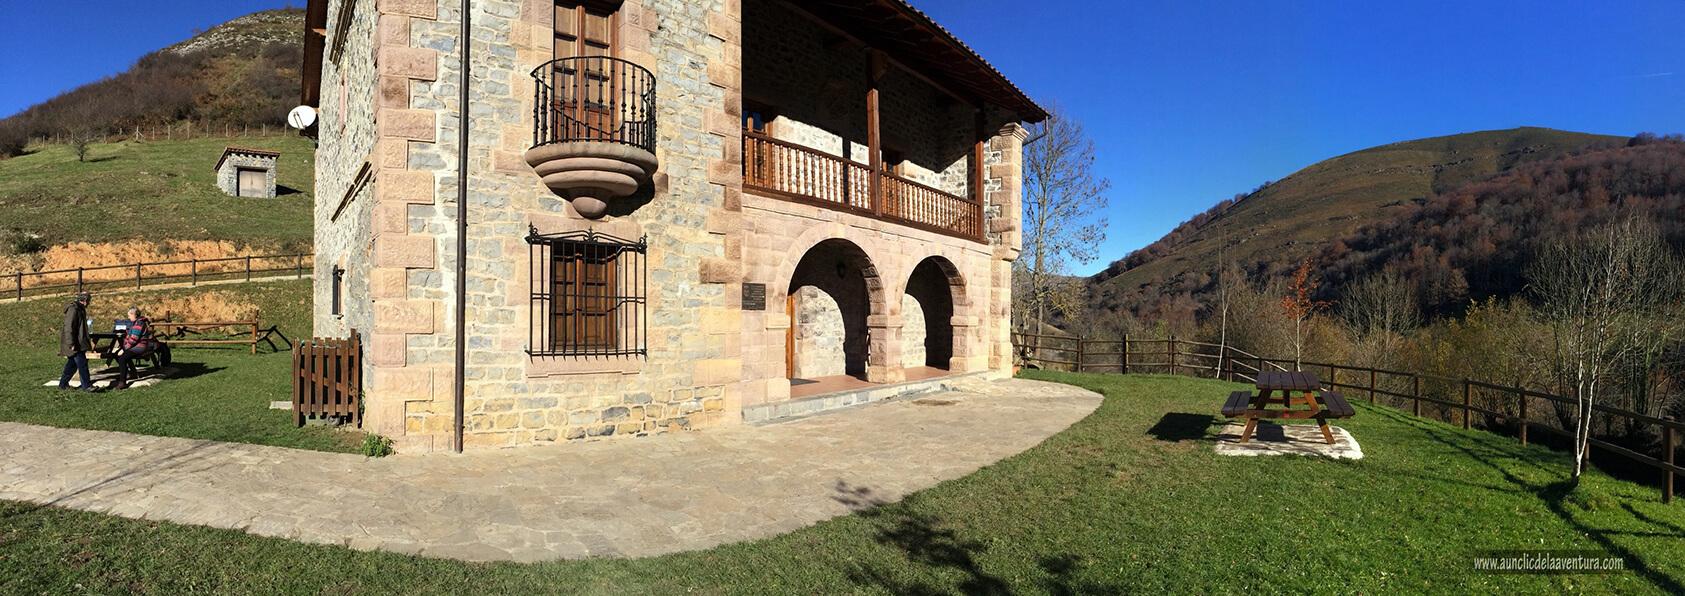 Centro de Interpretación del Parque Natural Saja-Besaya